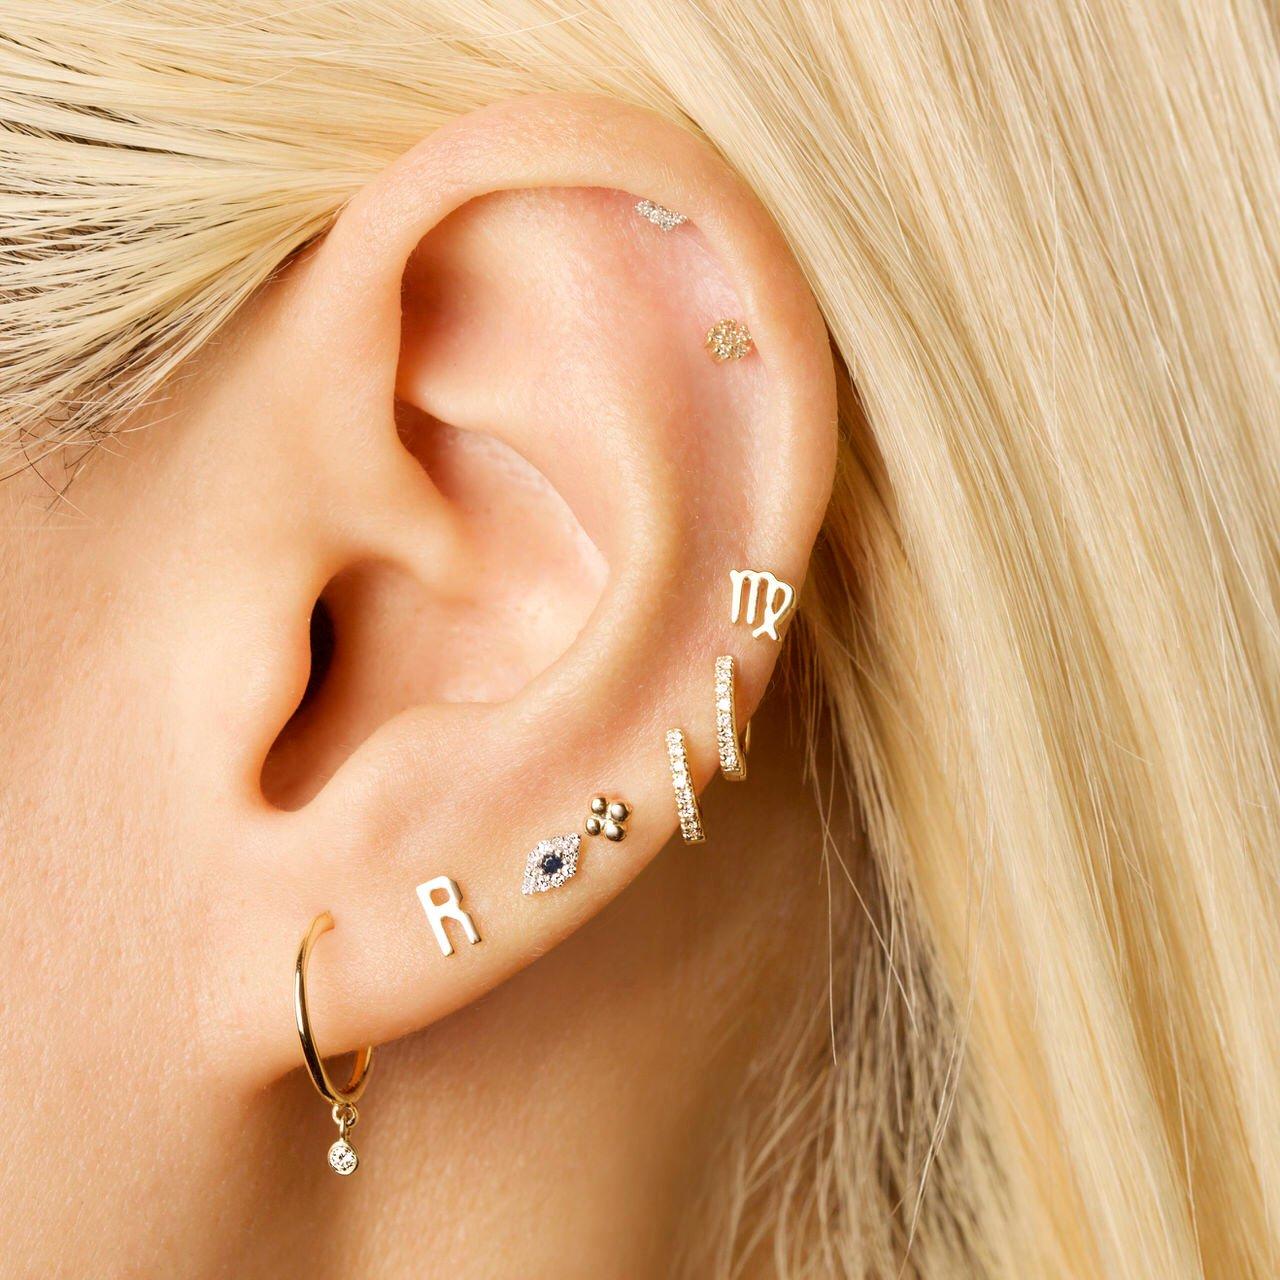 Letter S Earrings,Letter Earrings Gold Initial S Earrings Initial S Earrings Personalized Jewelry,Initial Jewelry Minimalist Earrings